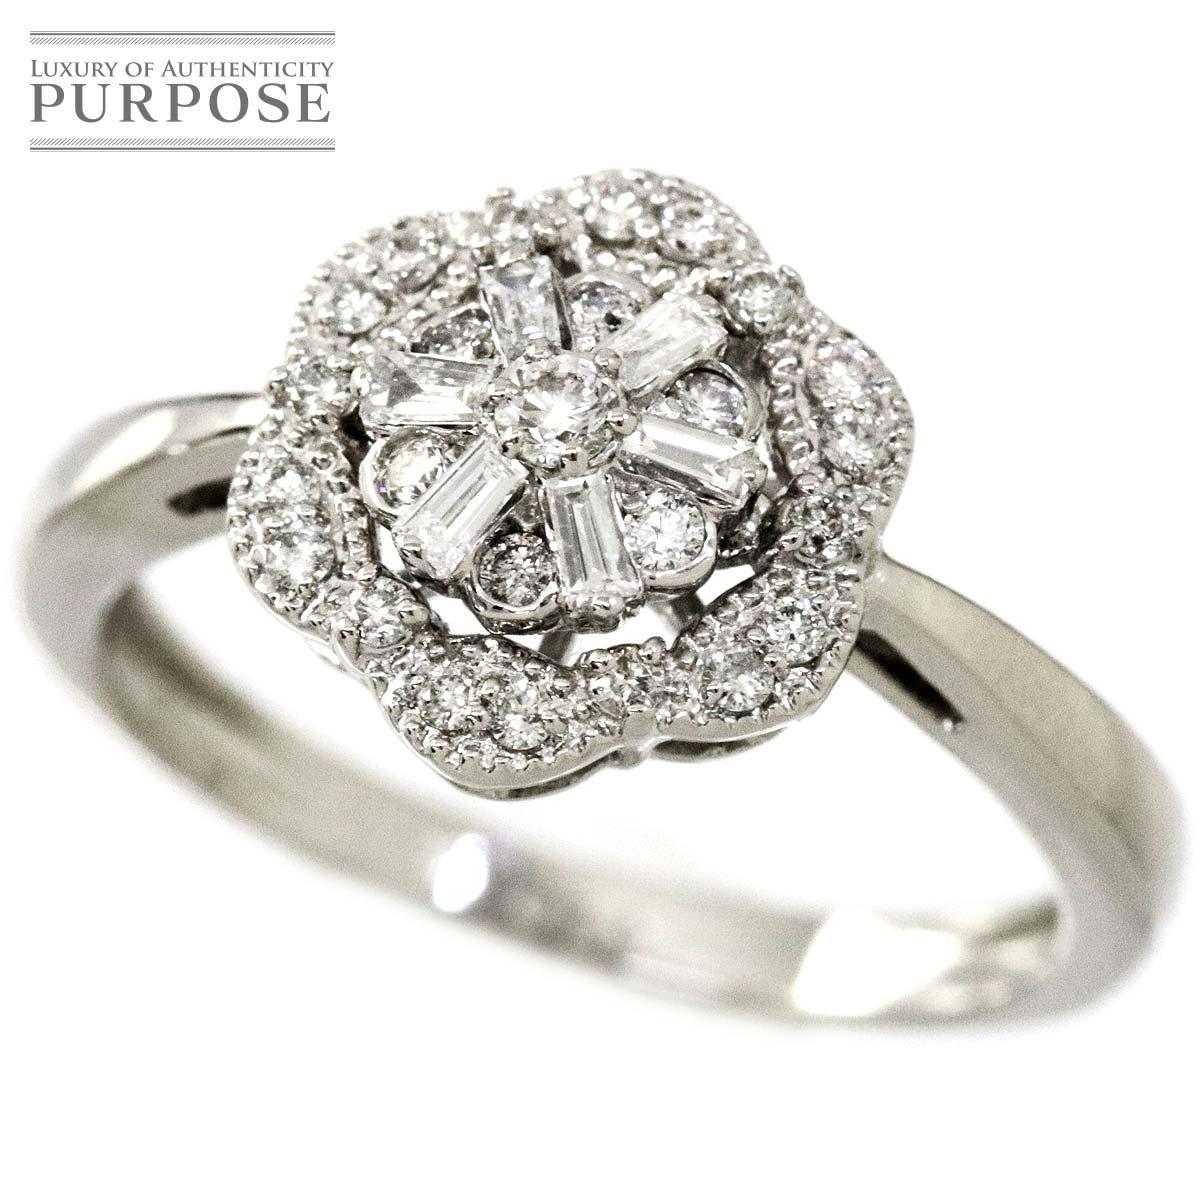 【新品仕上げ】 ダイヤ 0.33ct K18WG リング 11.5号 18金ホワイトゴールド ダイア 指輪 【中古】